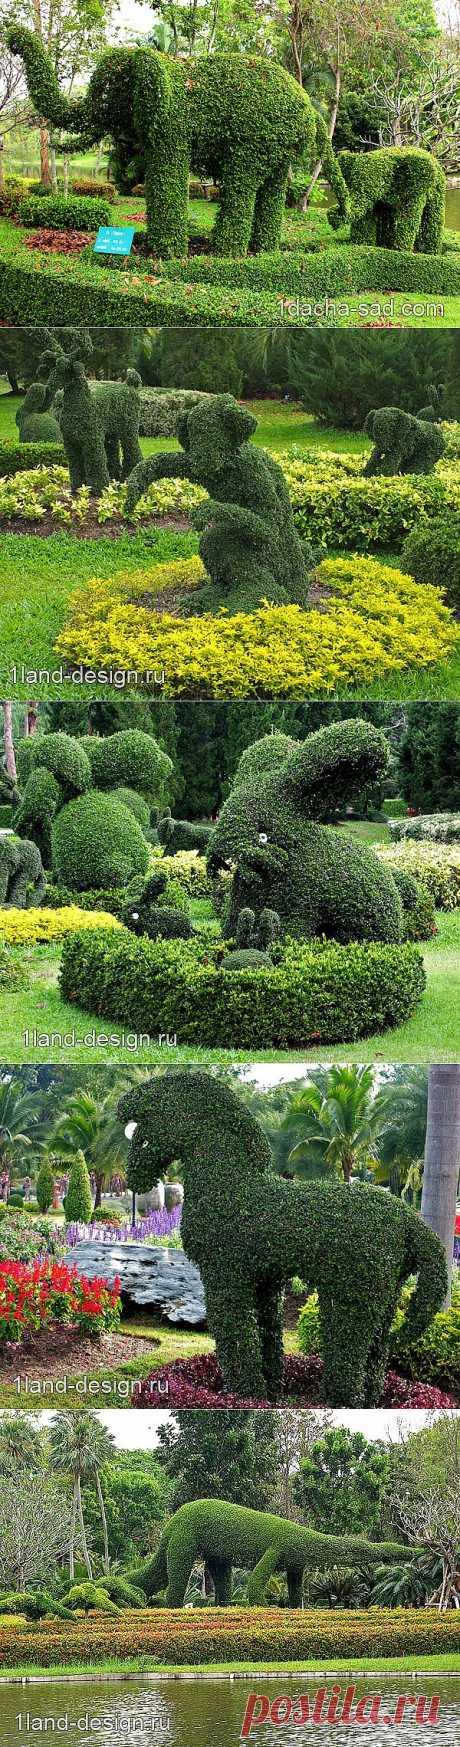 Зеленые фигуры в парке Горизонт — шедевры топиарного искусства